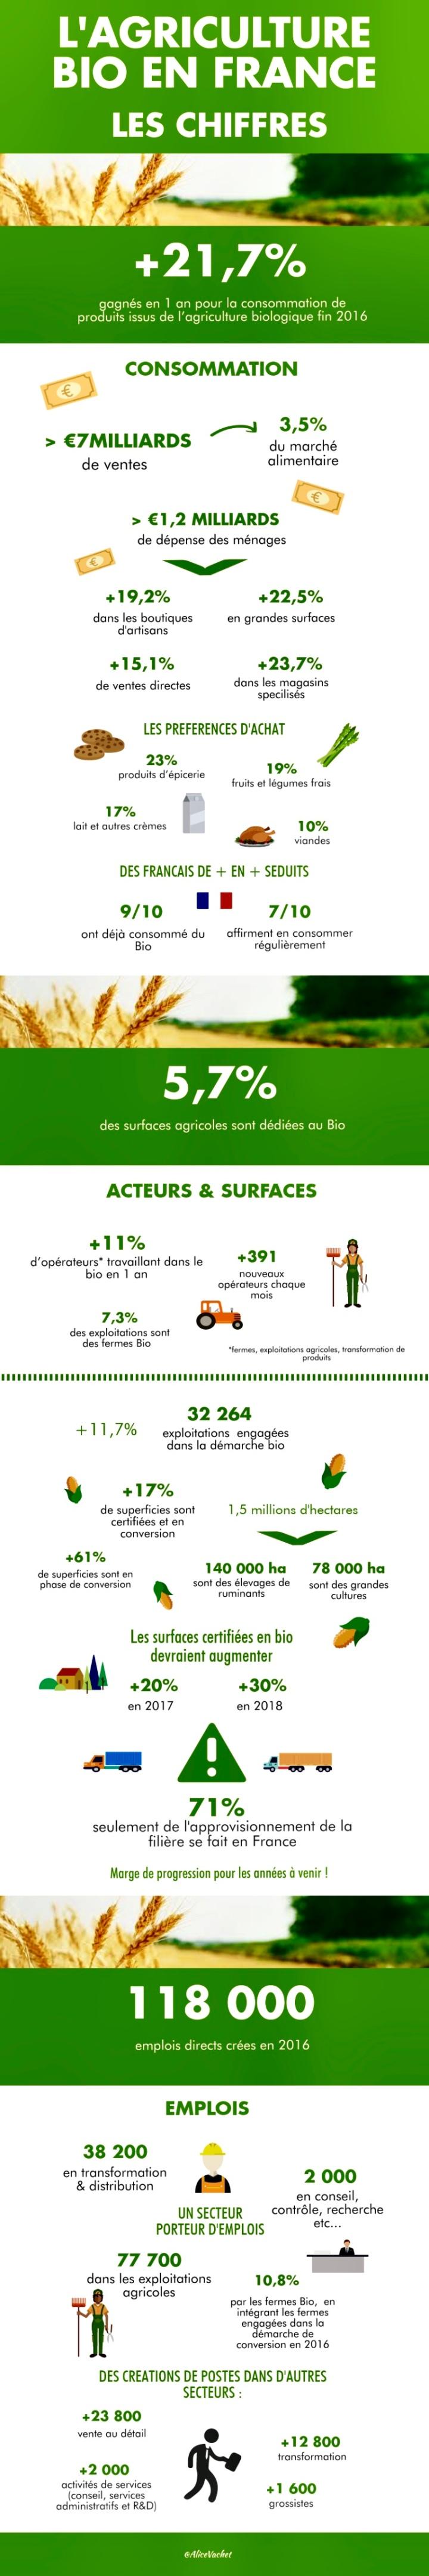 [Infographie] L'Agriculture Bio en France : Les Chiffres🌾